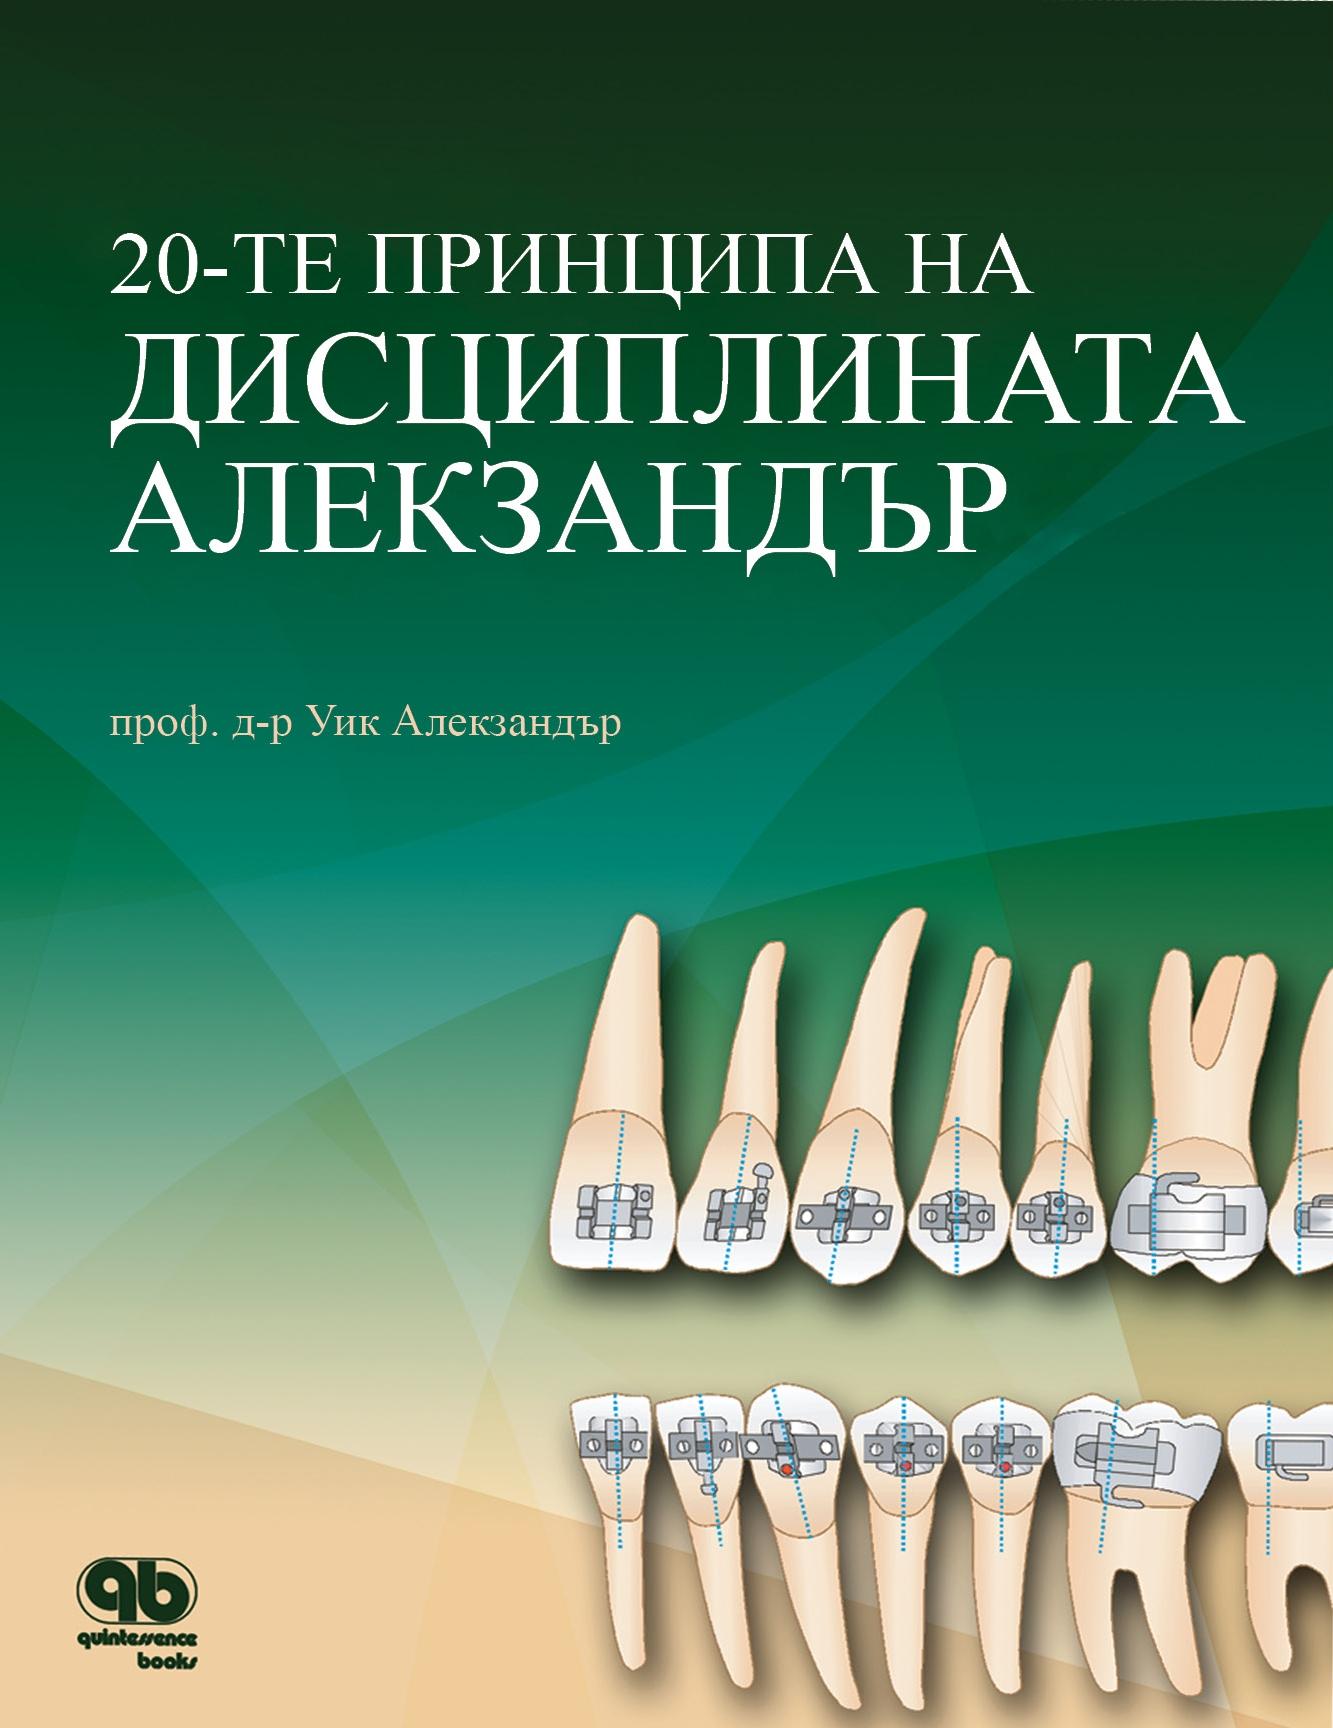 20-ти пршнципа на дисциплината Алекзандър